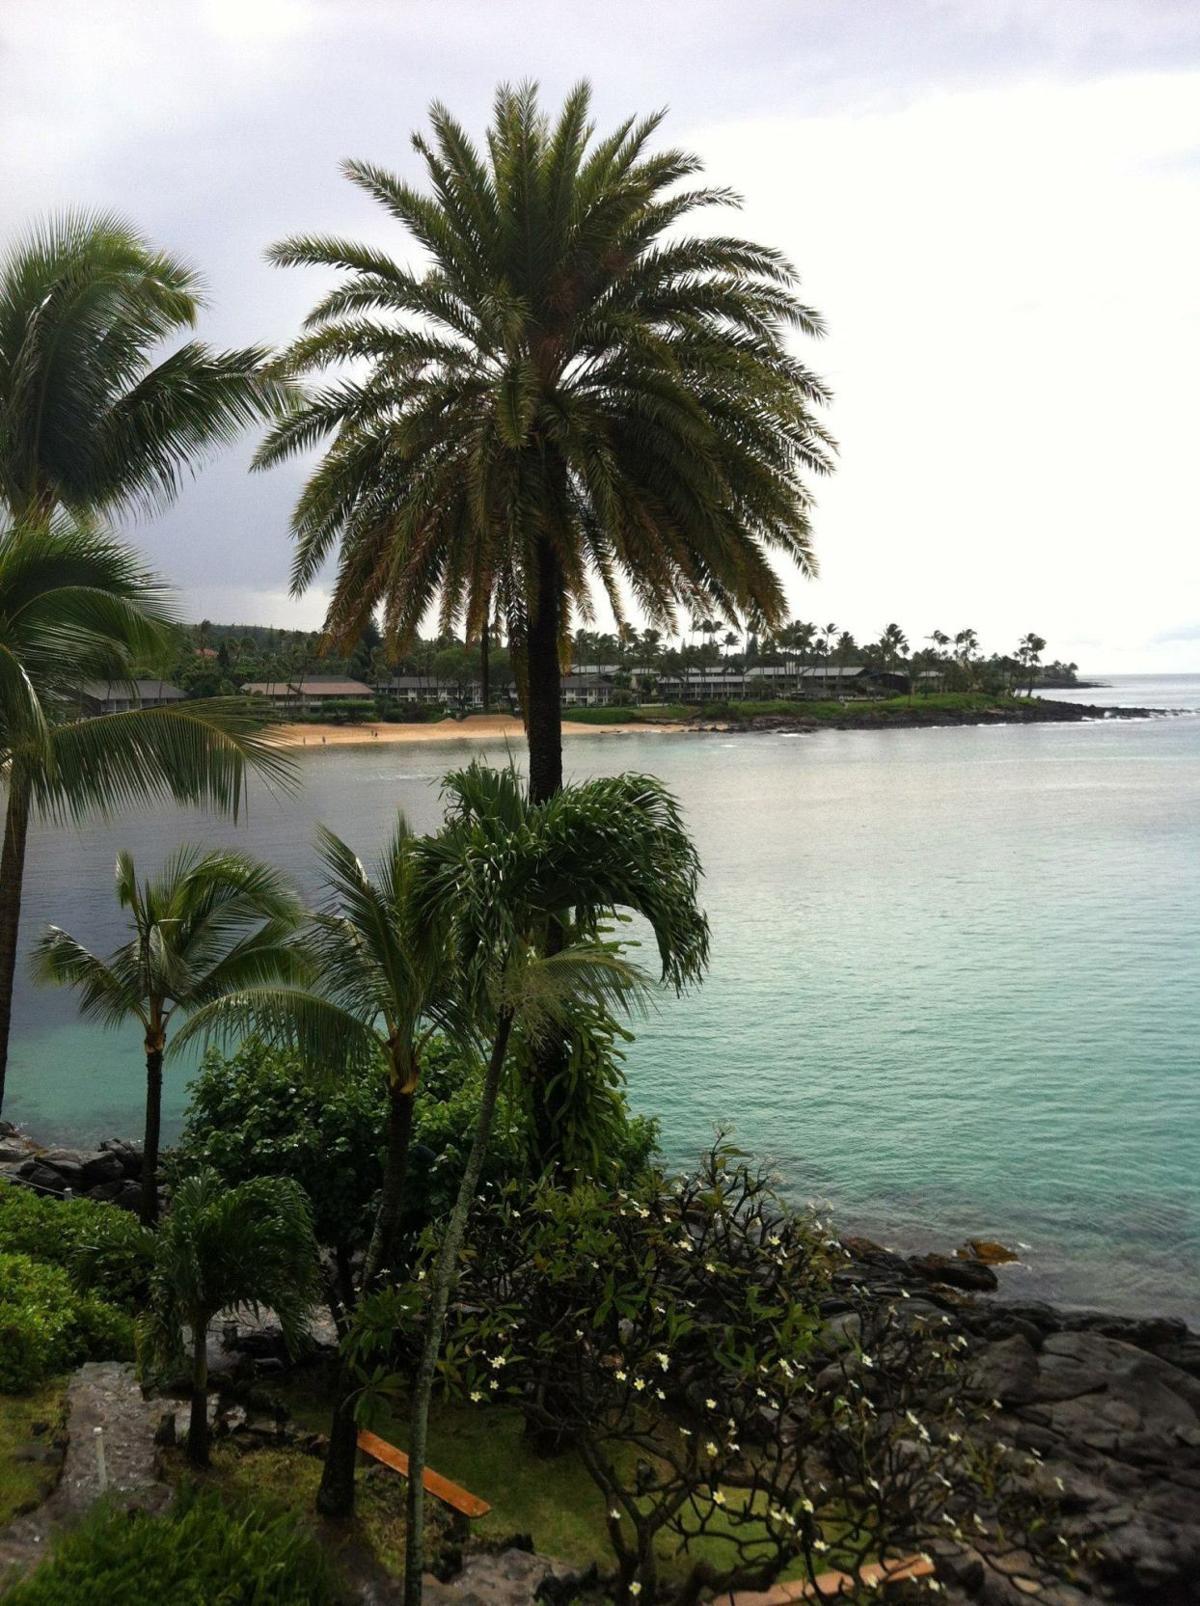 Napili Bay in Maui, Hawaii